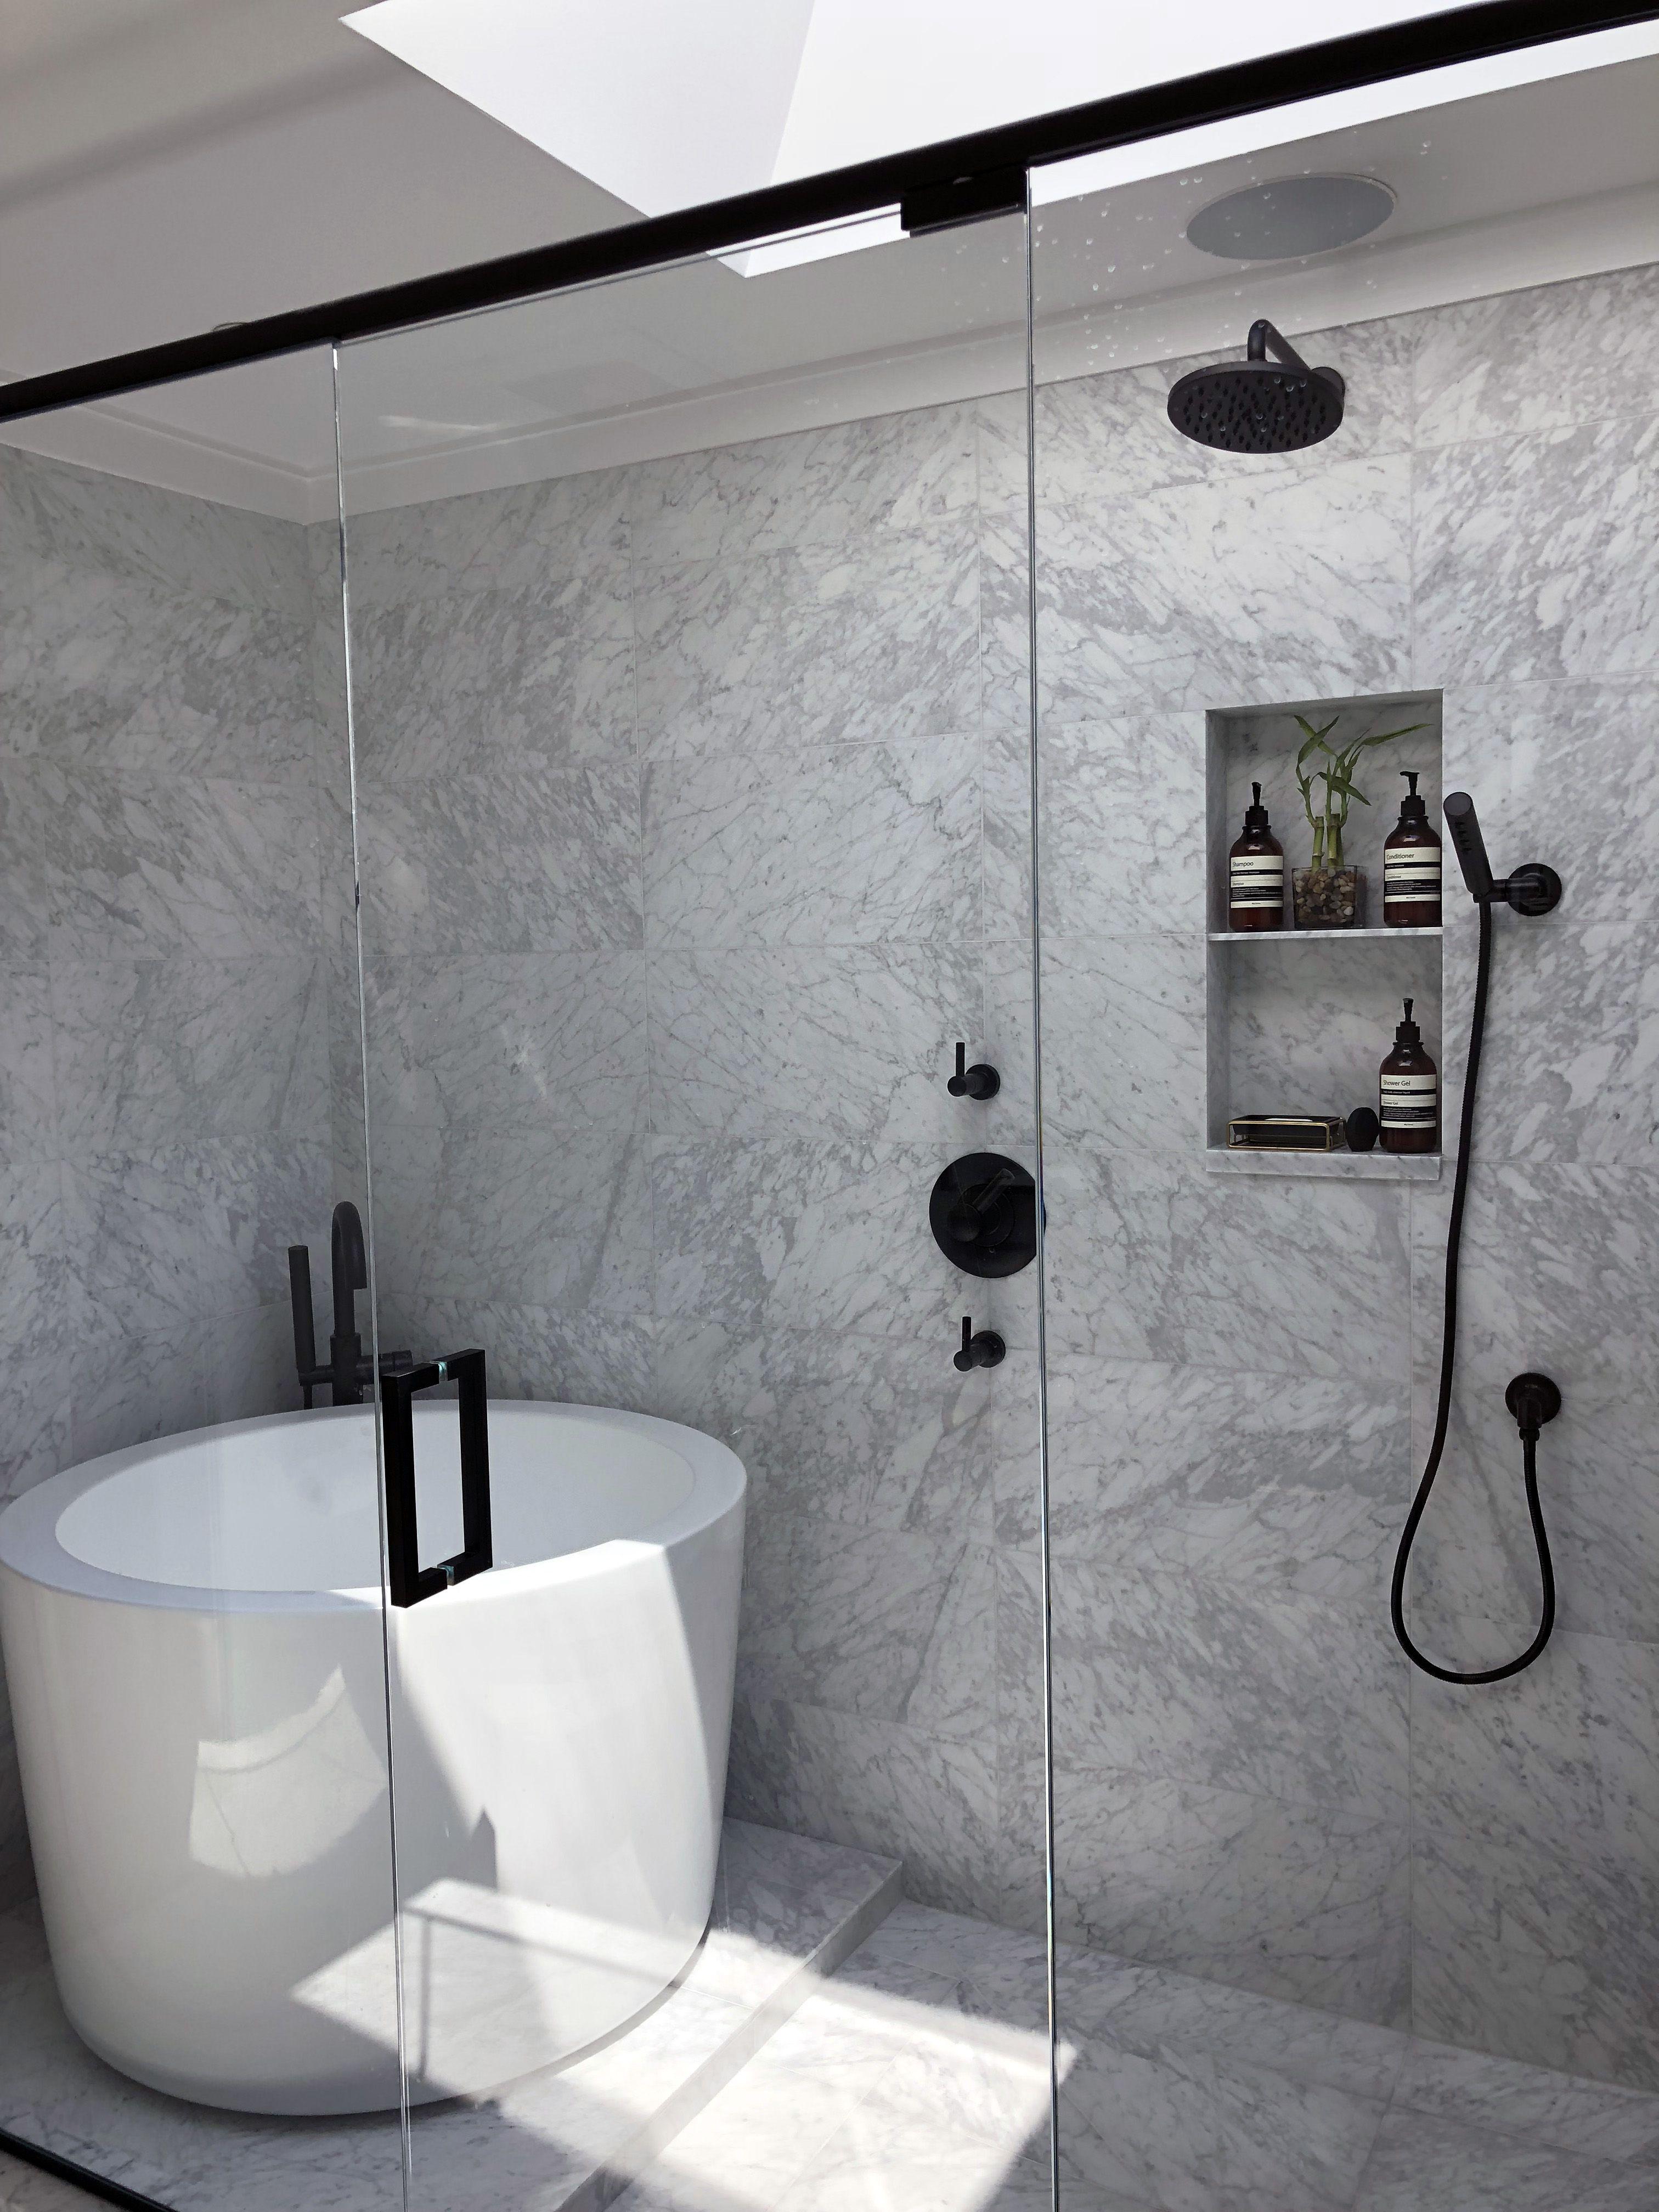 Siglo Japanese Soaking Tub Jasonwu Brizo Siglo Marble Wetroom Bathroom Tub Shower Combo Japanese Bathroom Soaking Tub Shower Combo